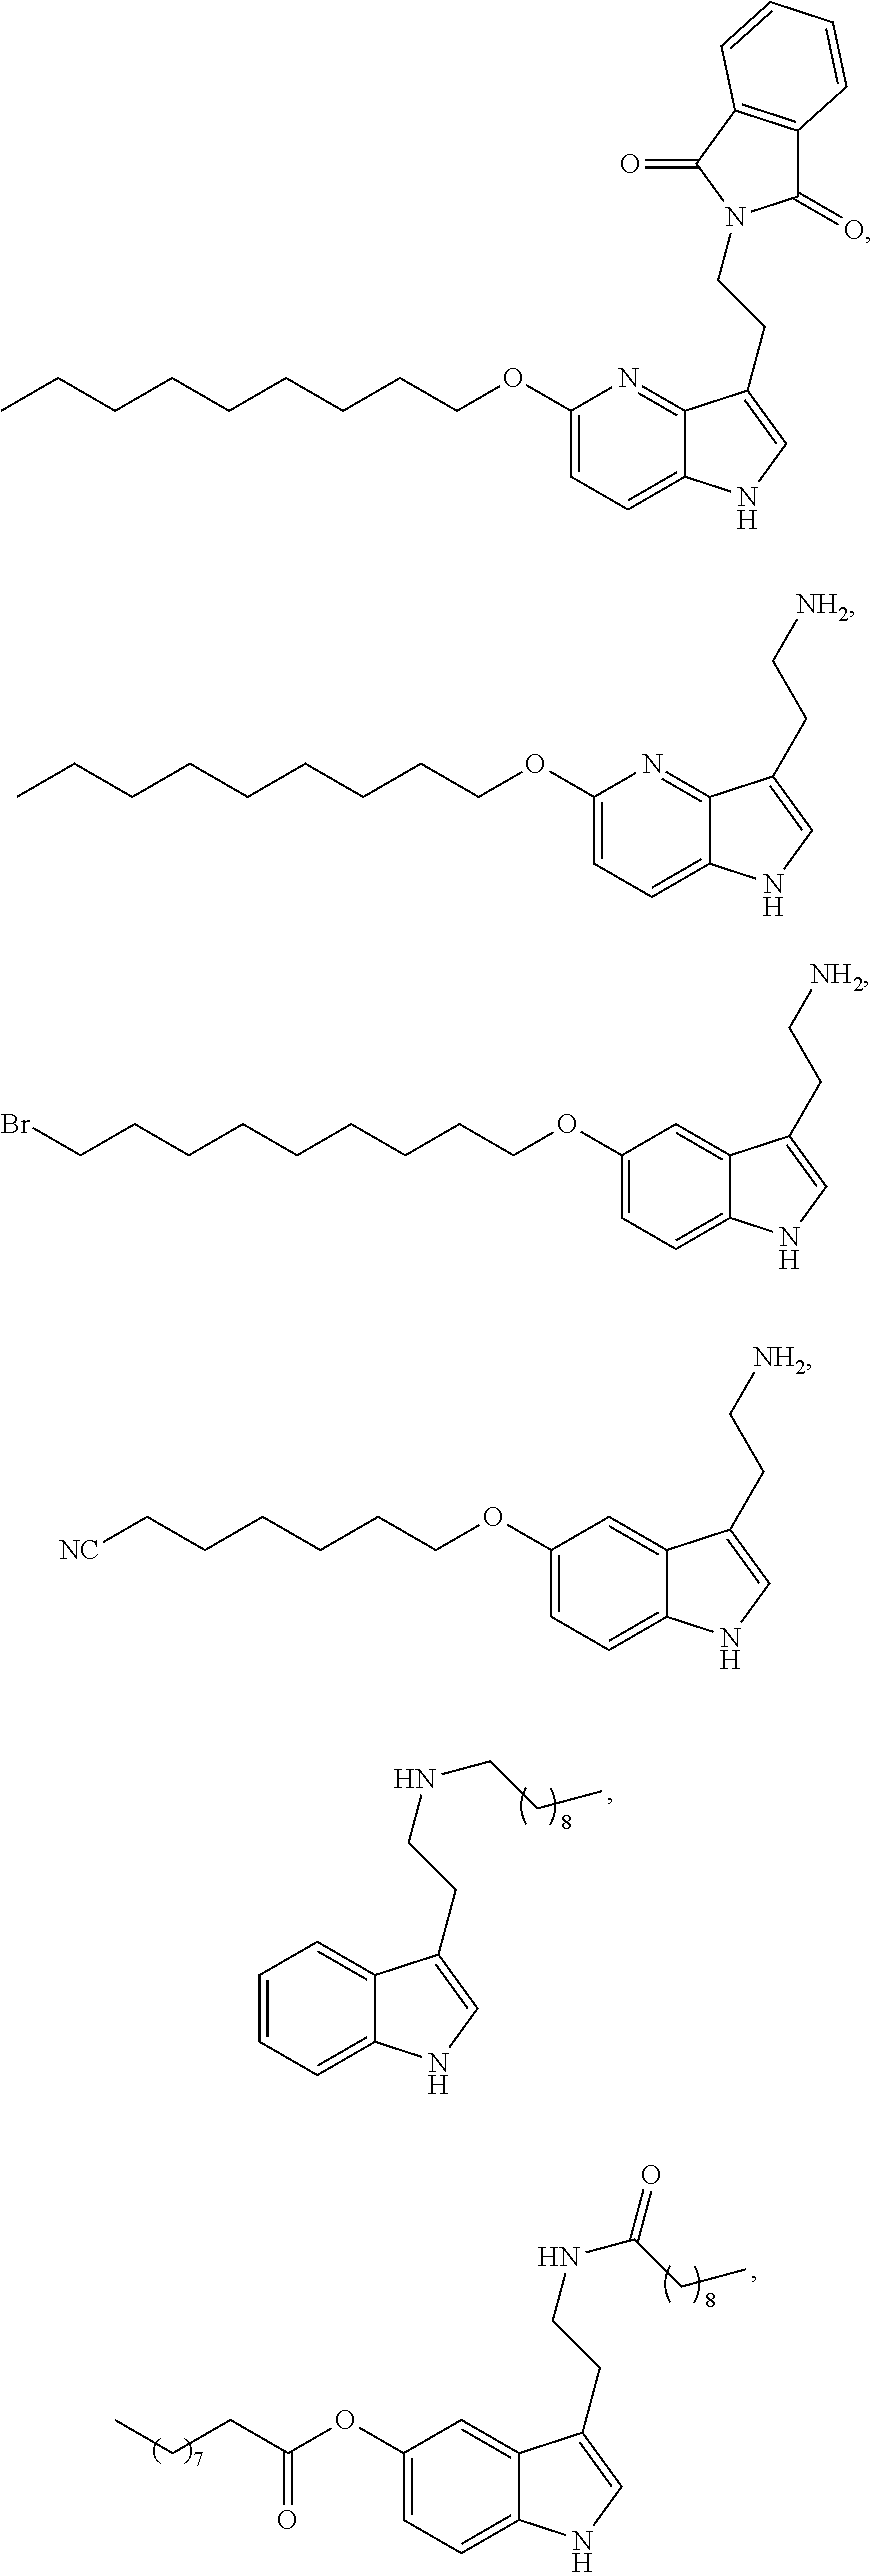 Figure US09073851-20150707-C00035